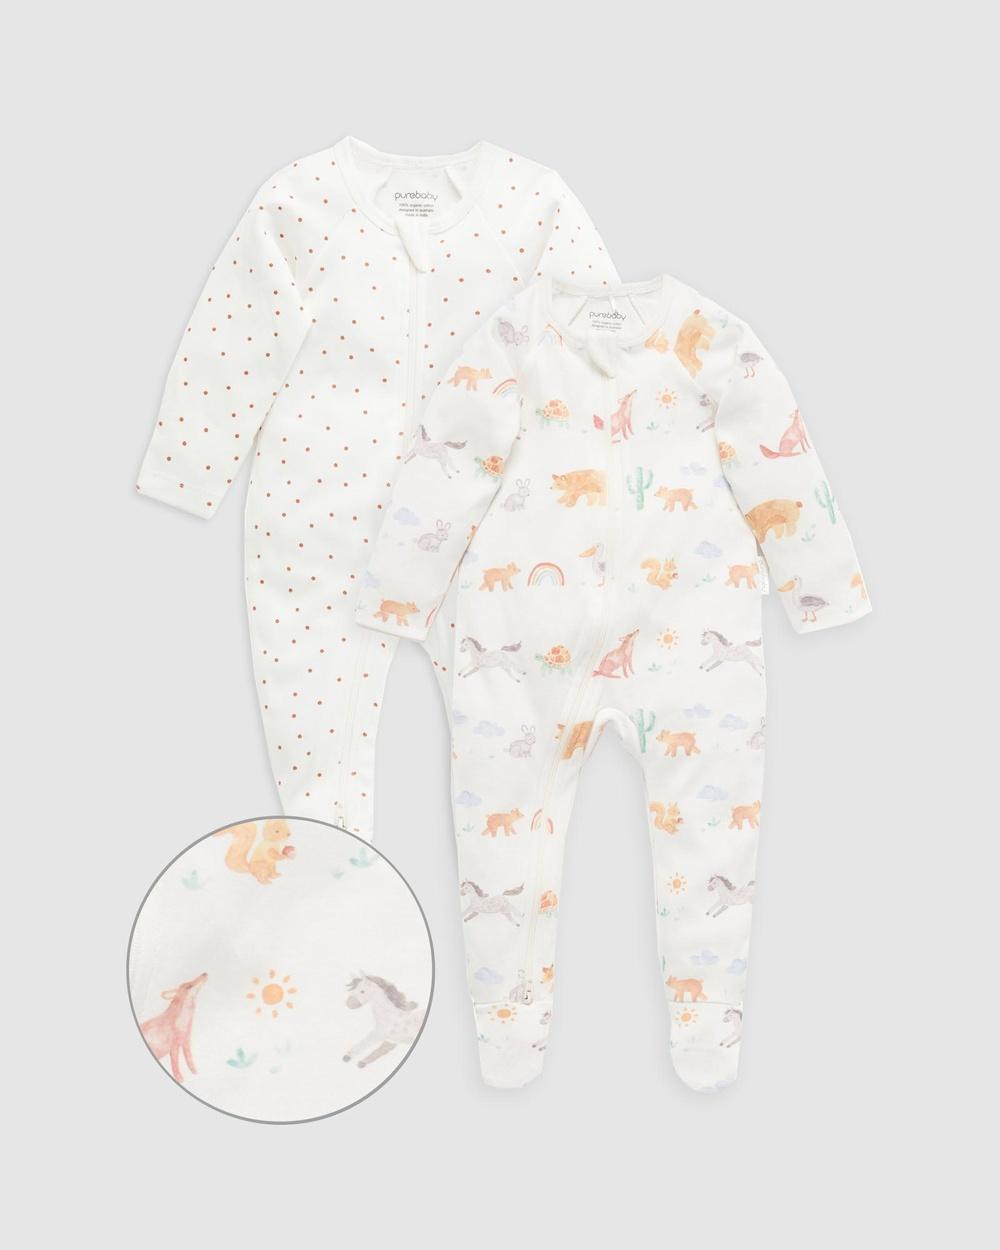 Purebaby Digital Zip Growsuit 2 Pack Babies Longsleeve Rompers California Coast Print 2-Pack